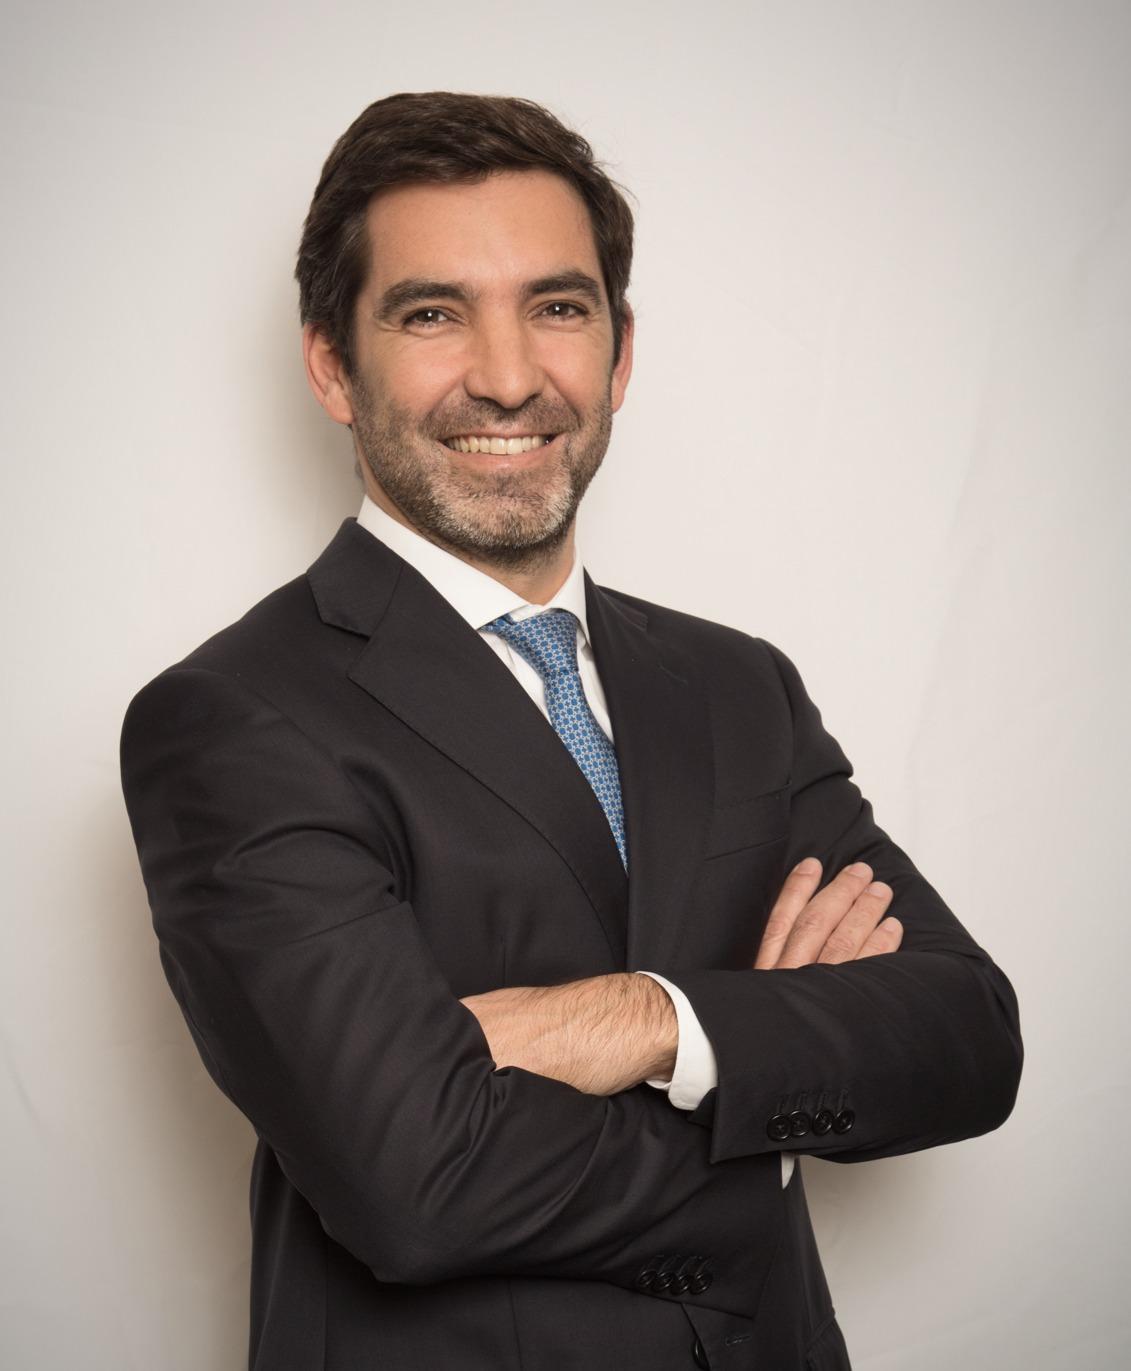 João Robles